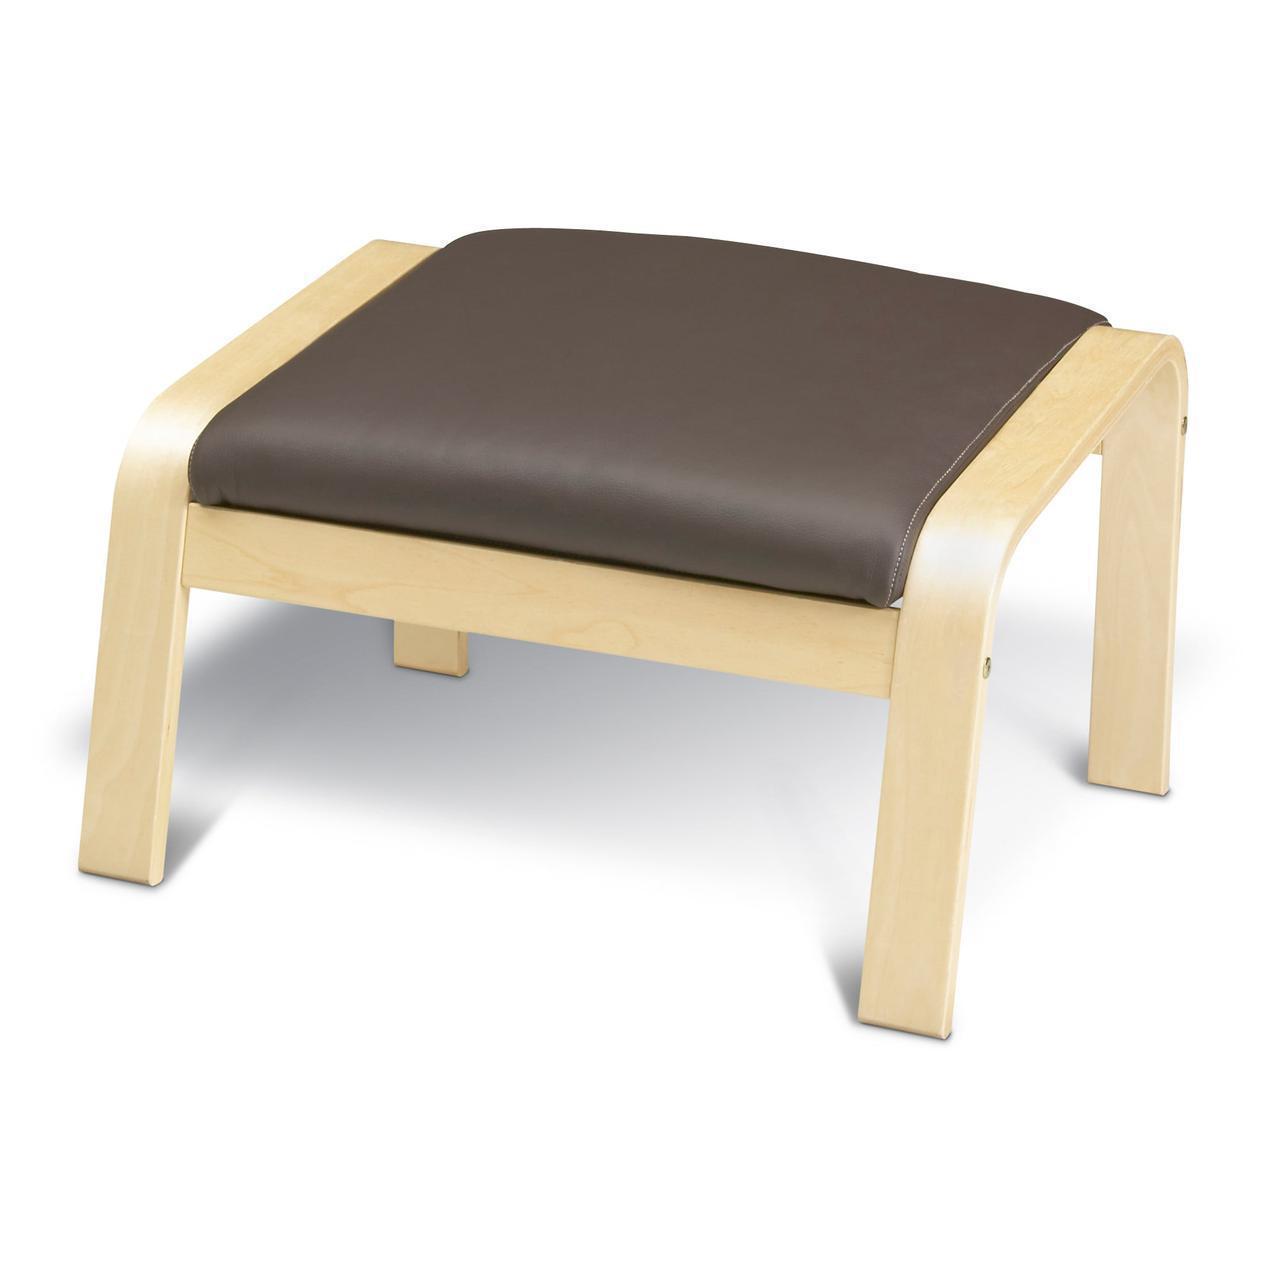 Подставка для ног IKEA POÄNG Robust Glose березовый шпон темно-коричневая 598.291.11